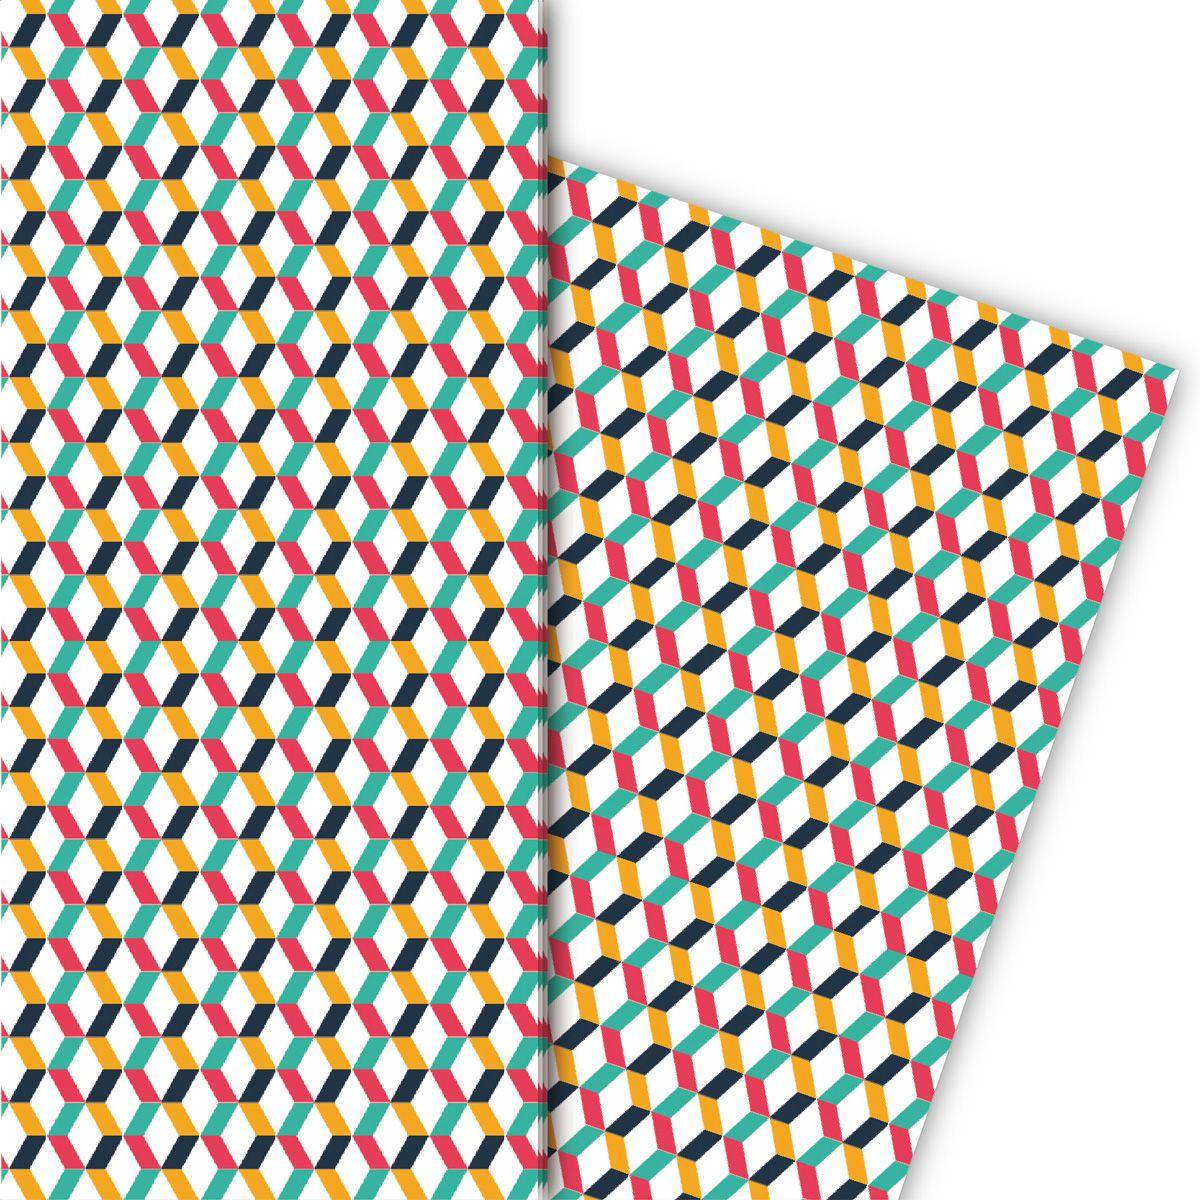 Grafisches Designer Geschenkpapier mit Zickzack Muster (4 Bögen 32 x 48cm) 1